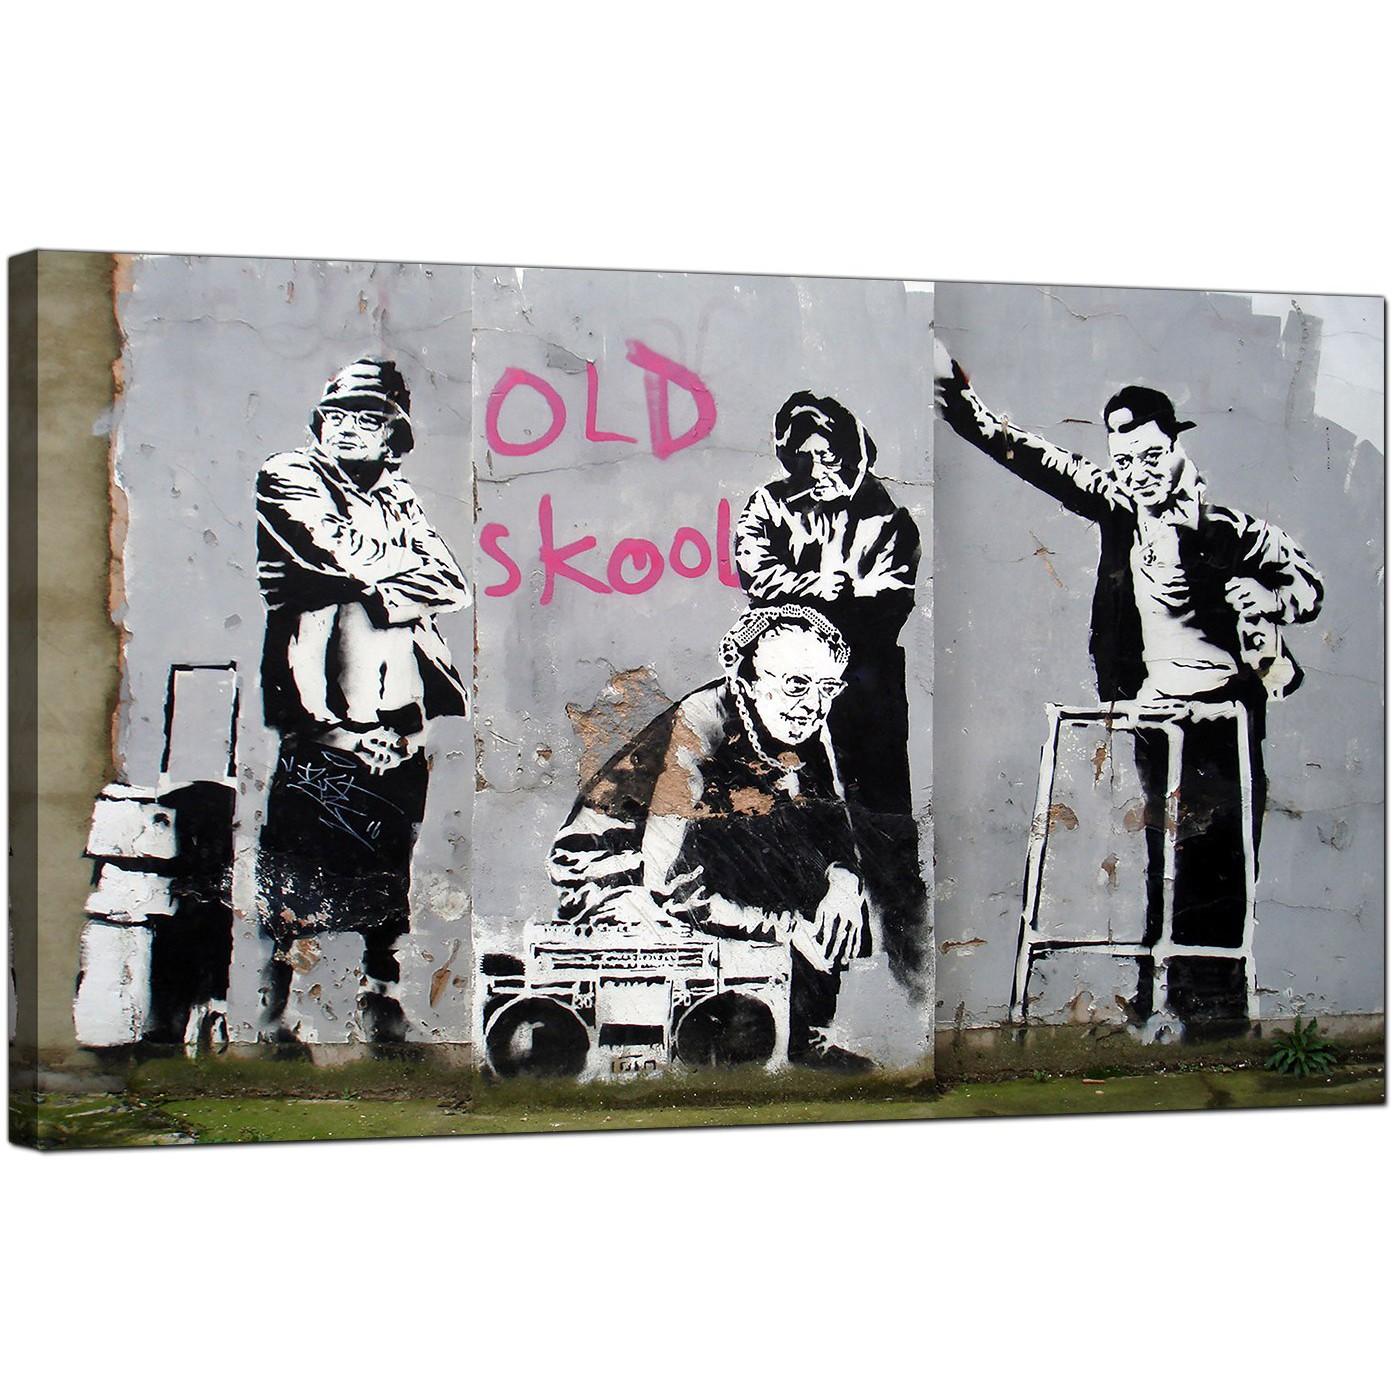 Display gallery item 4 · banksy canvas pictures old skool b boy grannies urban art display gallery item 5